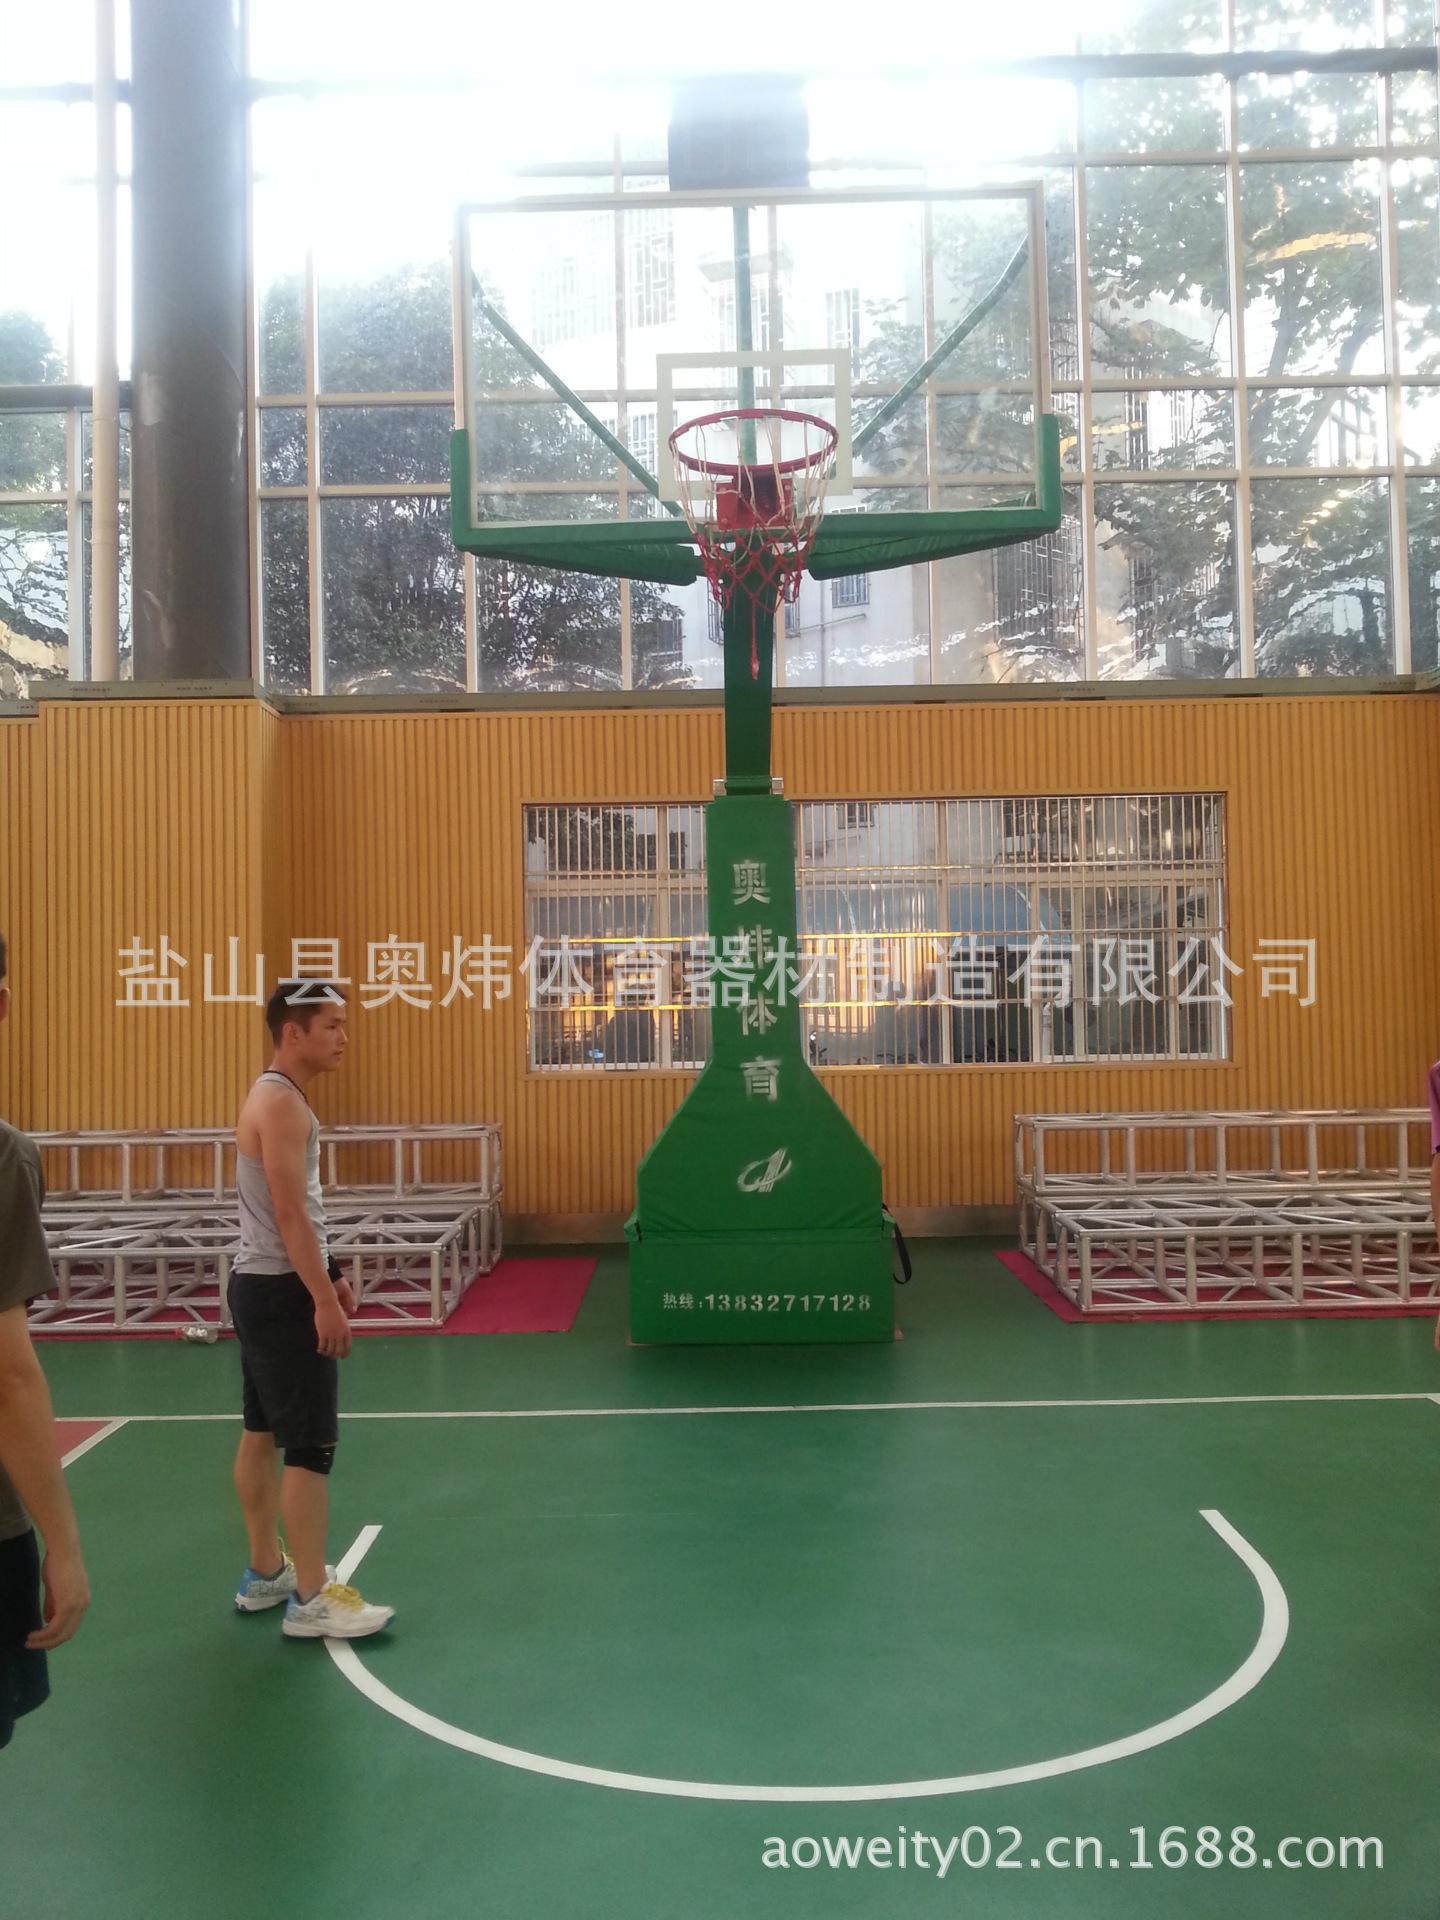 奥炜厂家直销场馆设施手动液压升降篮球架